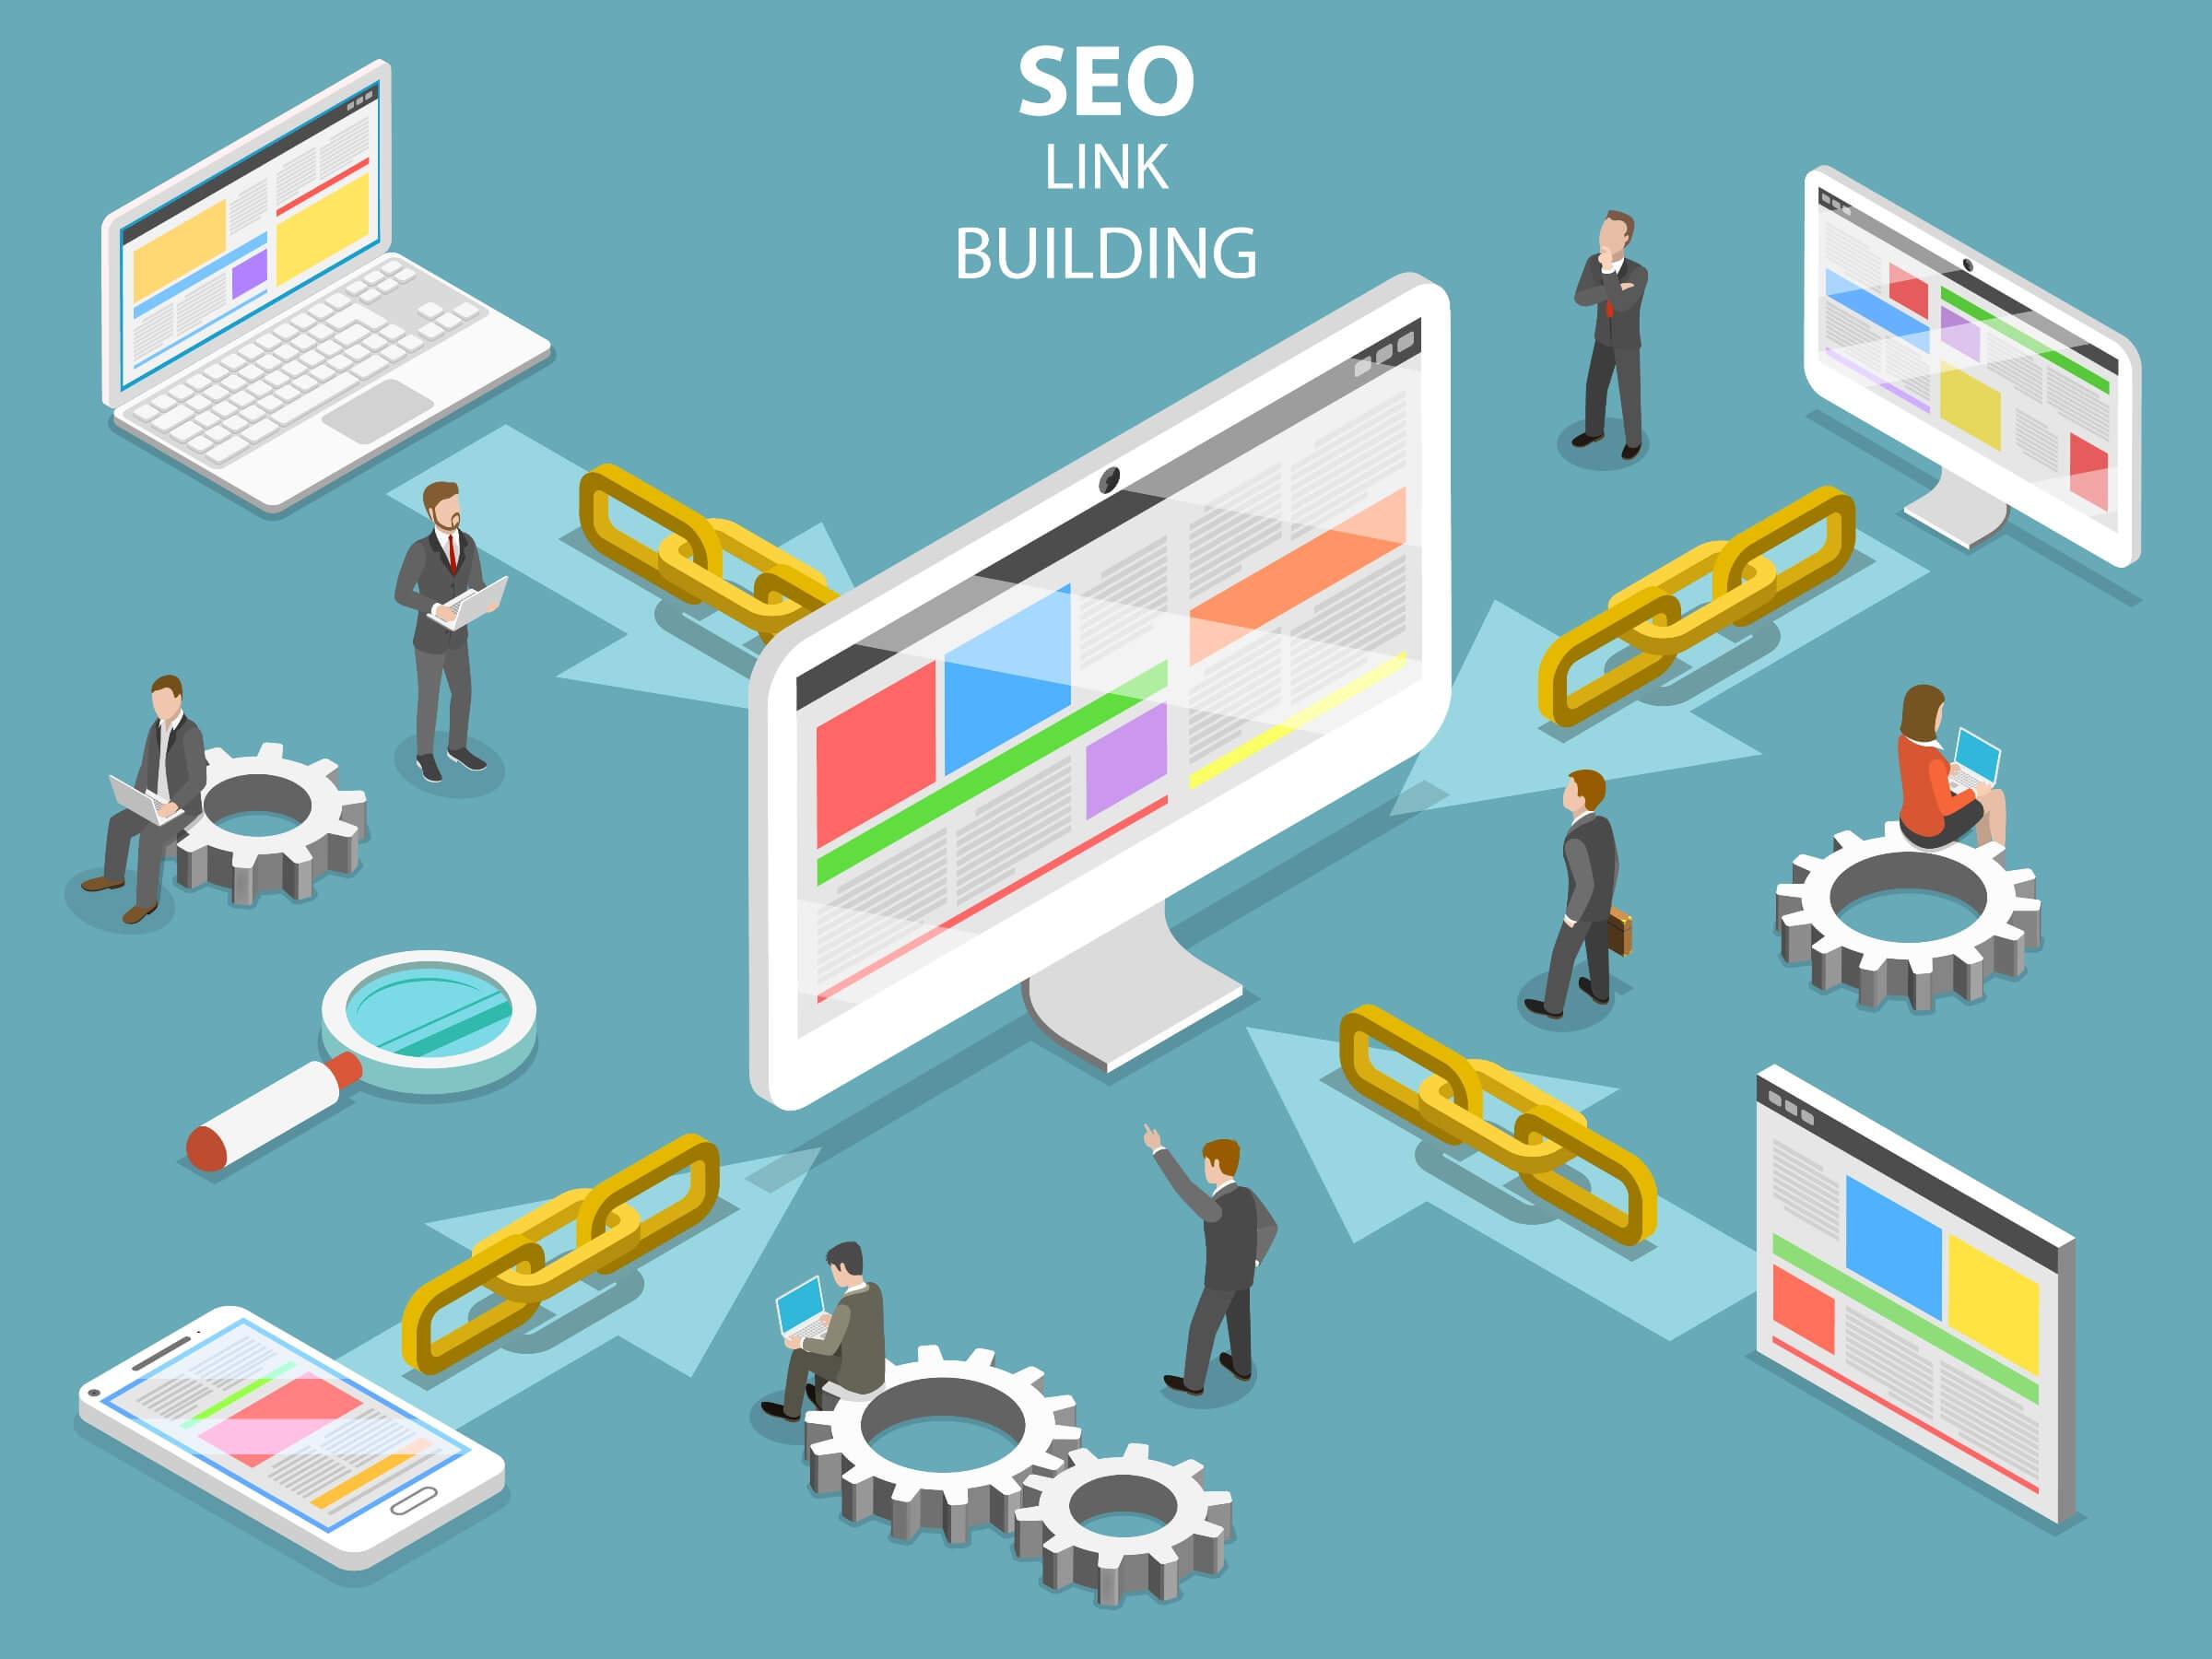 Link Basics – SEO: Link Building in Depth